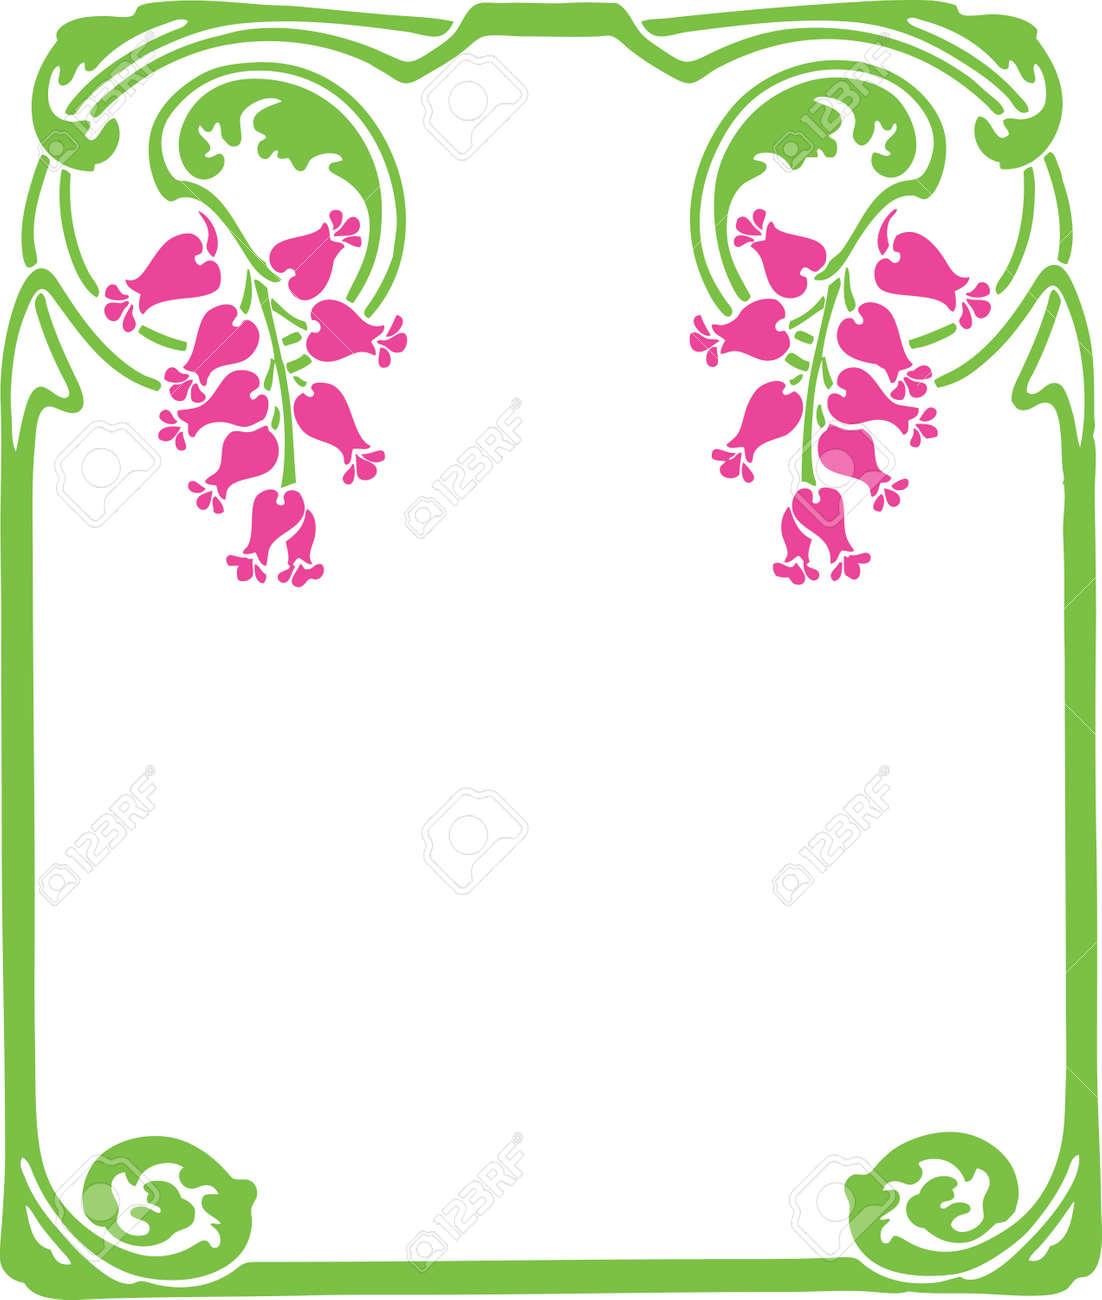 Beautiful decorative floral frame, art nouveau design element - 15859660